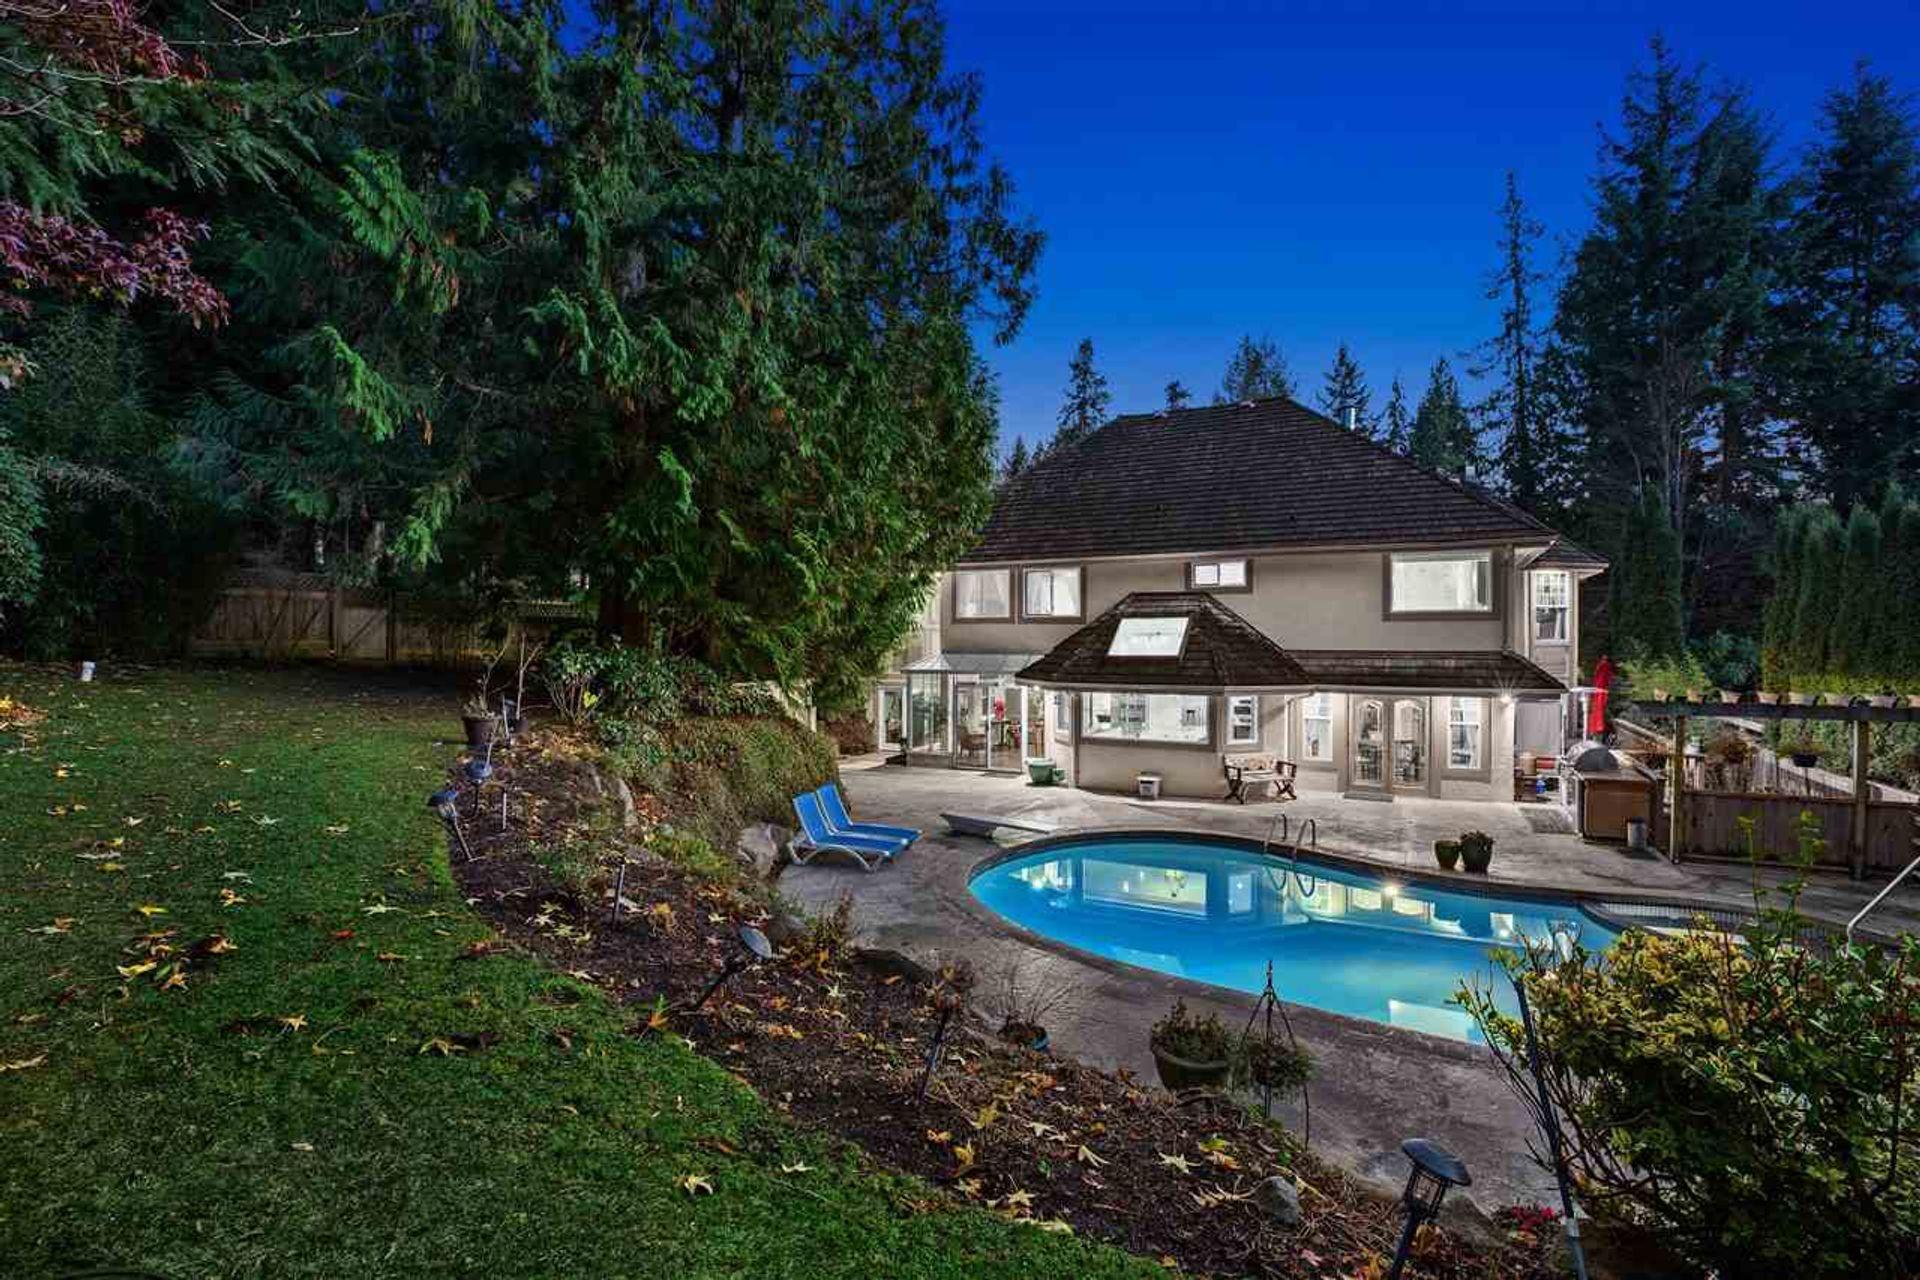 4725-the-glen-cypress-park-estates-west-vancouver-34 at 4725 The Glen, Cypress Park Estates, West Vancouver